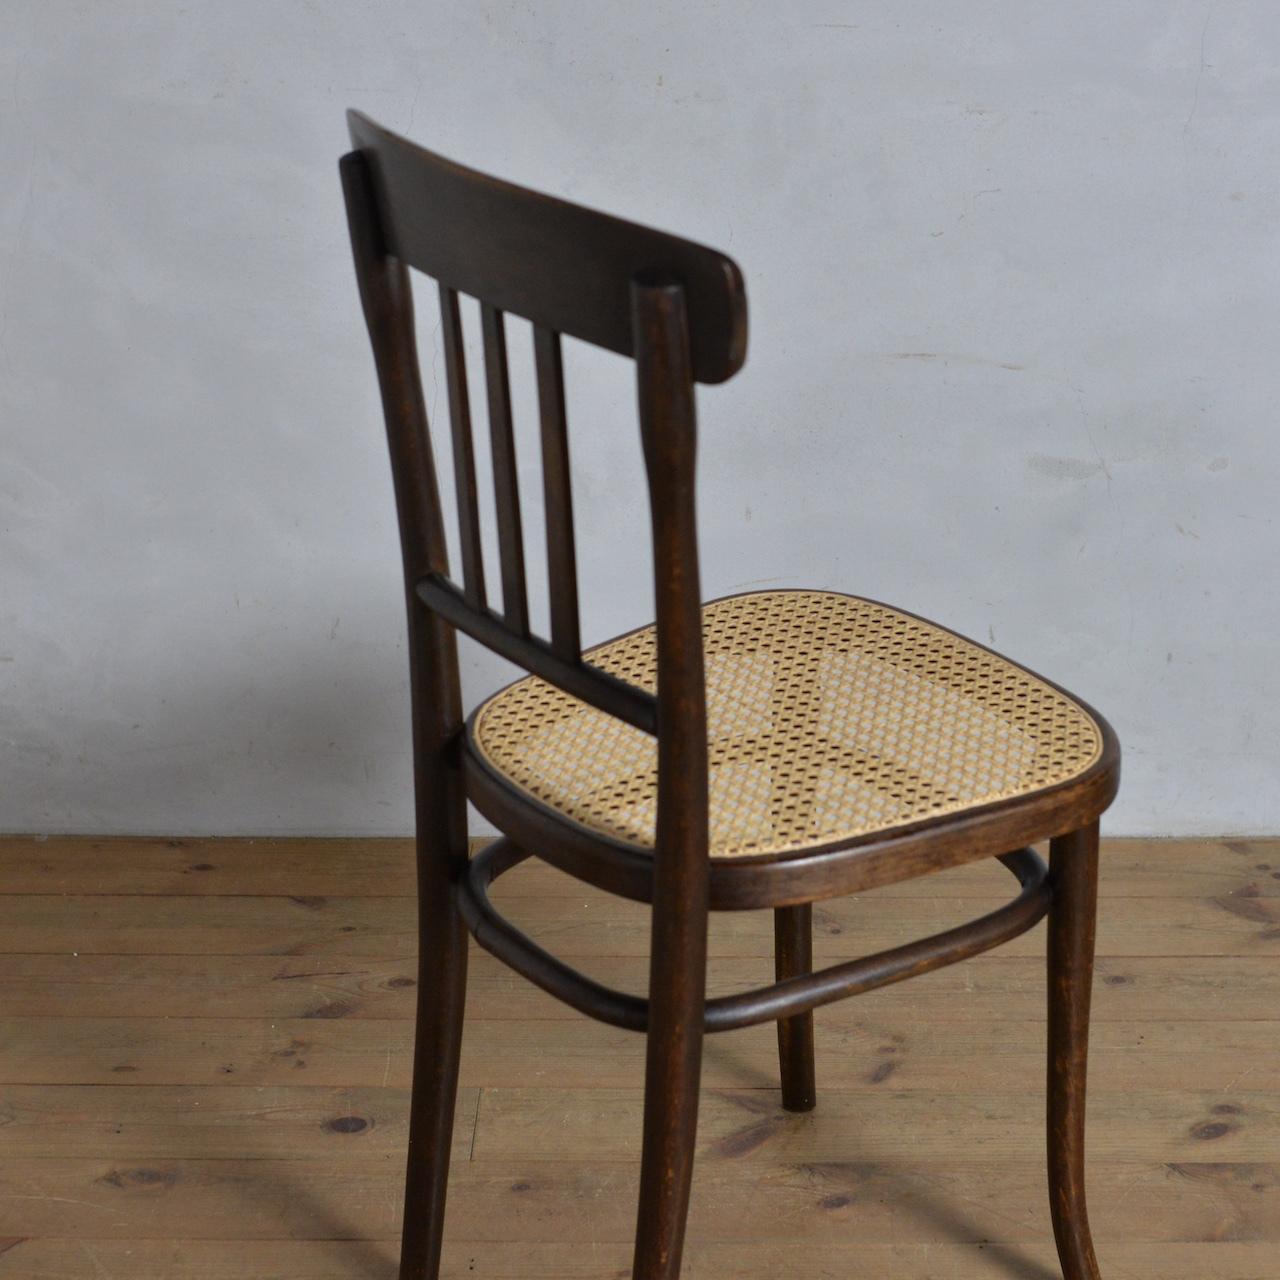 Thonet Bentwood Chair / トーネット ベントウッド チェア【D】〈トーネット社・ミヒャエルトーネット・ラタンチェア・ダイニングチェア〉 2806-0275 【D】